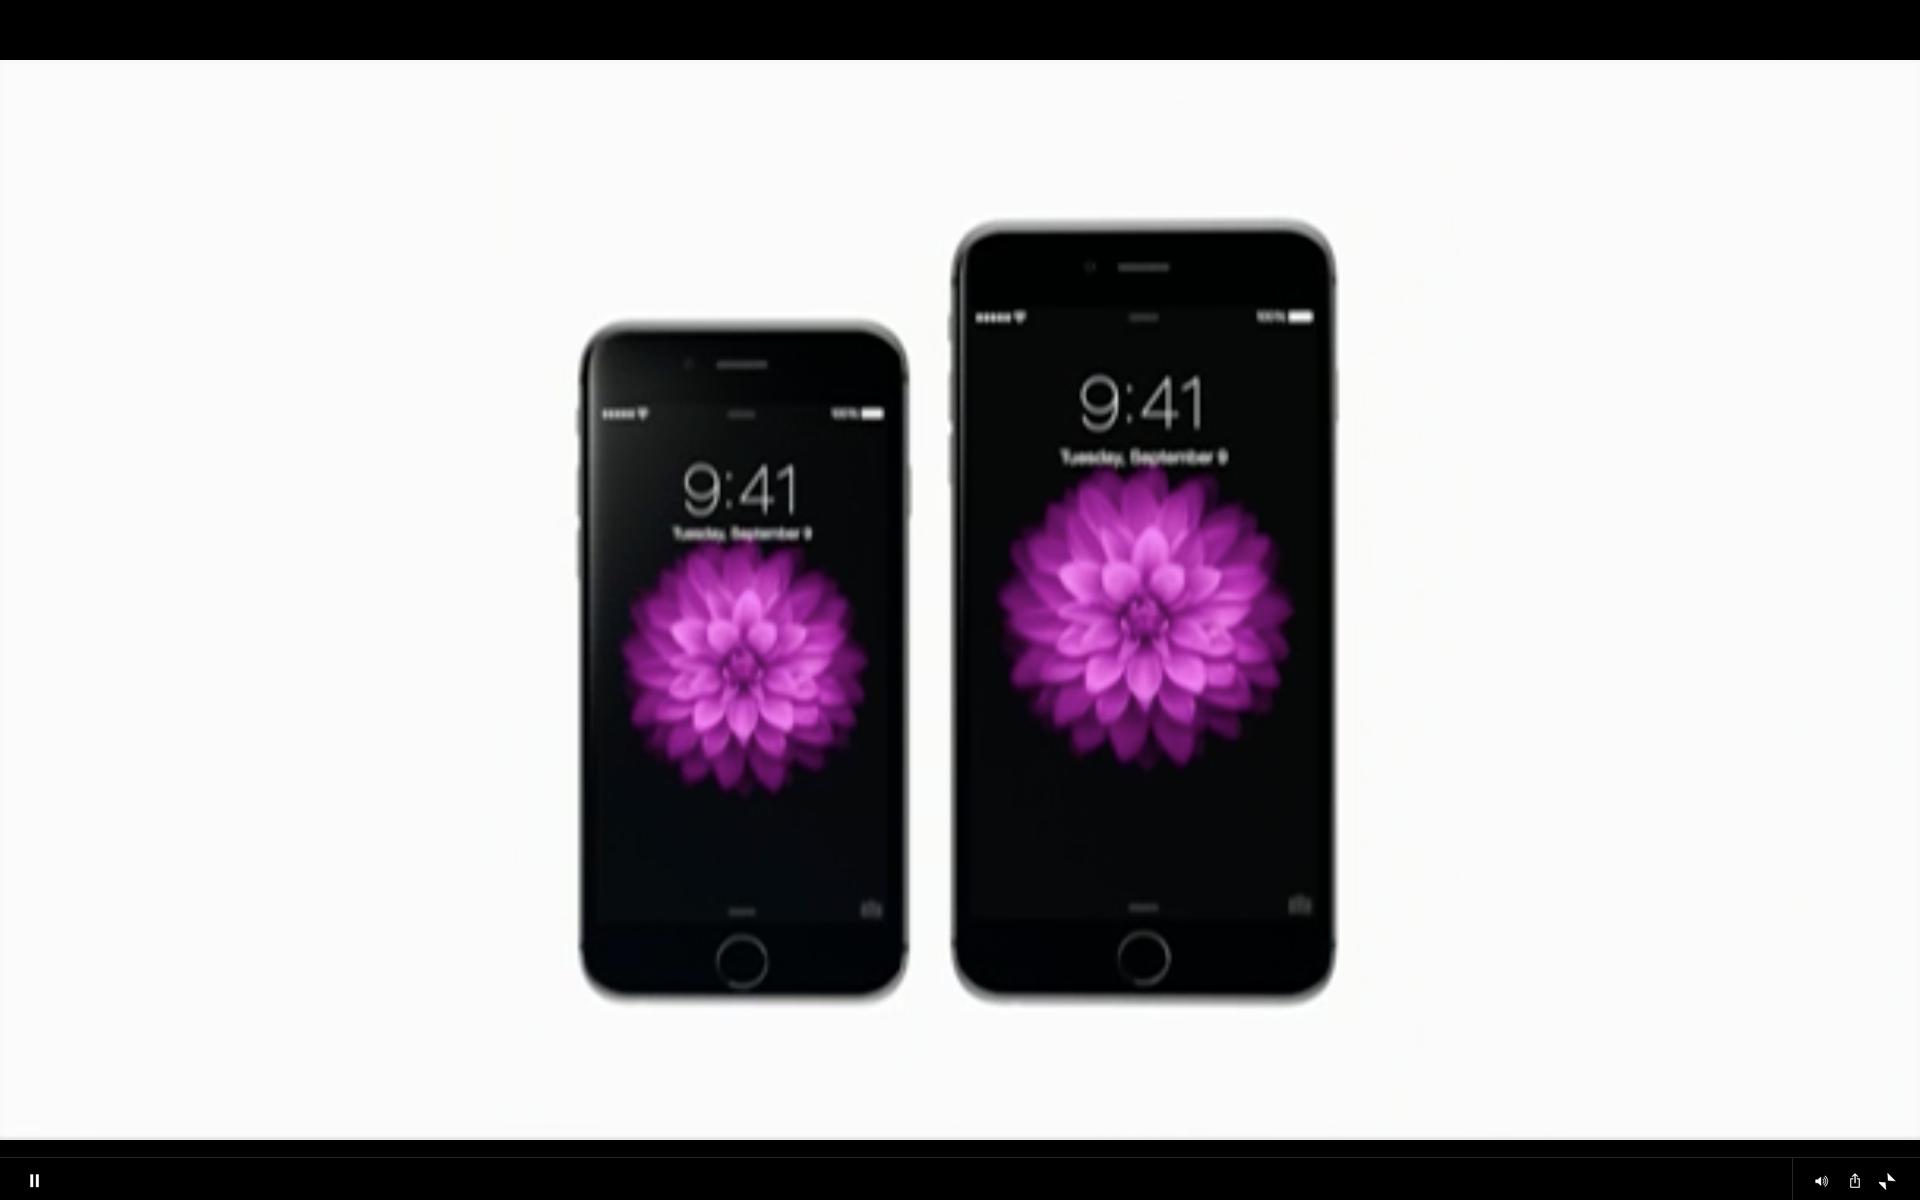 Slik ser de to nye modellene ut - iPhone 6 og iPhone 6 Plus.